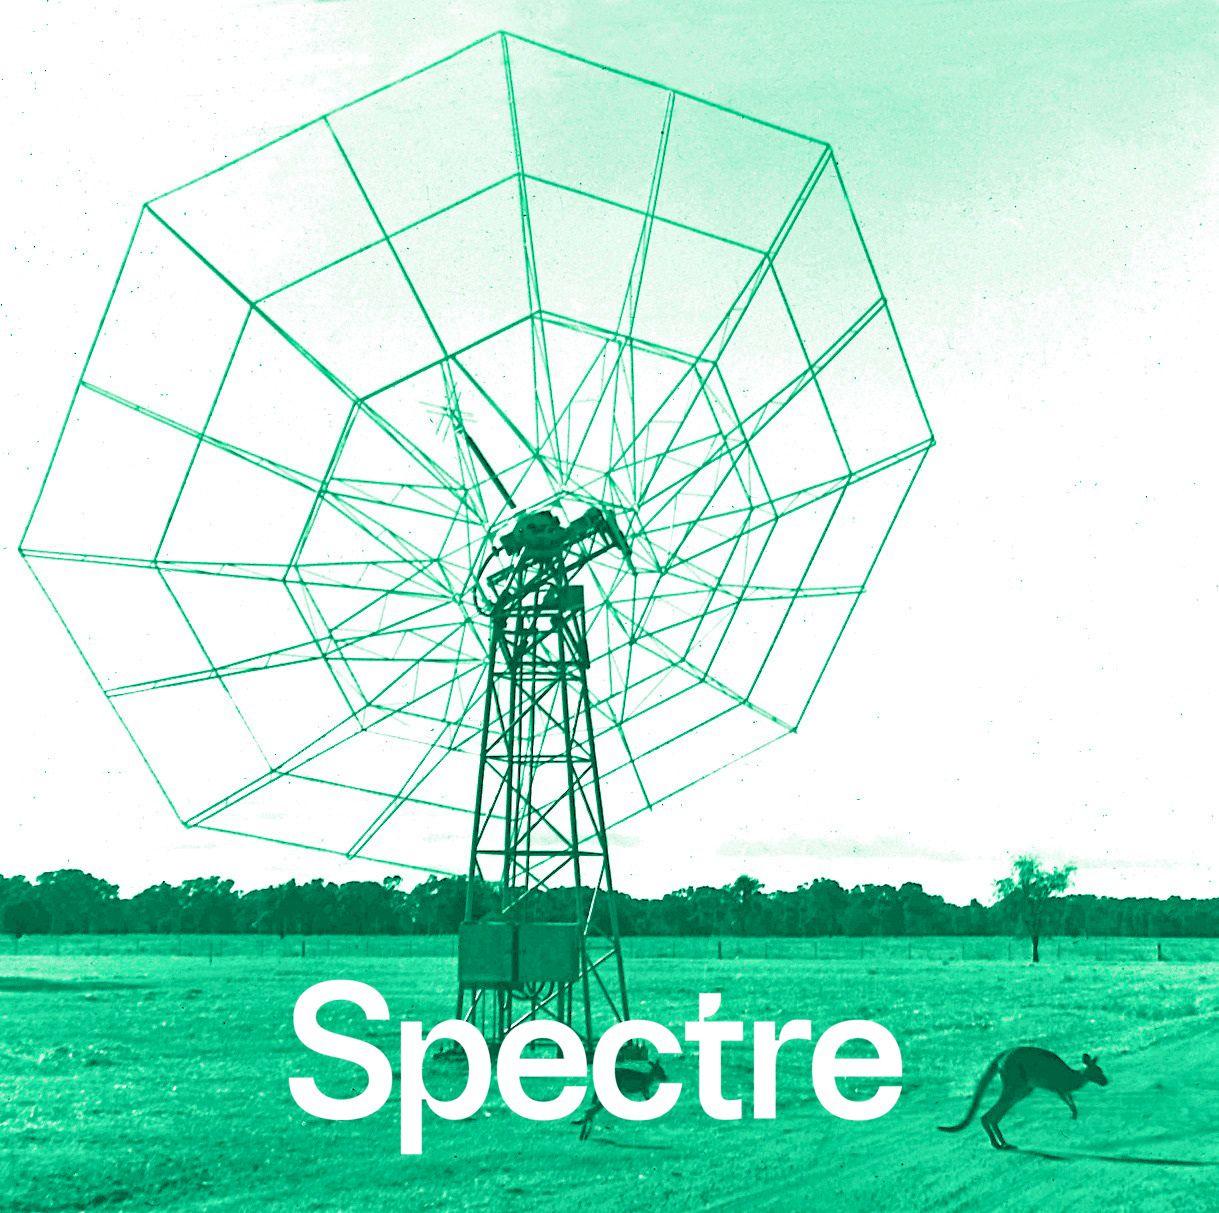 Spectre_